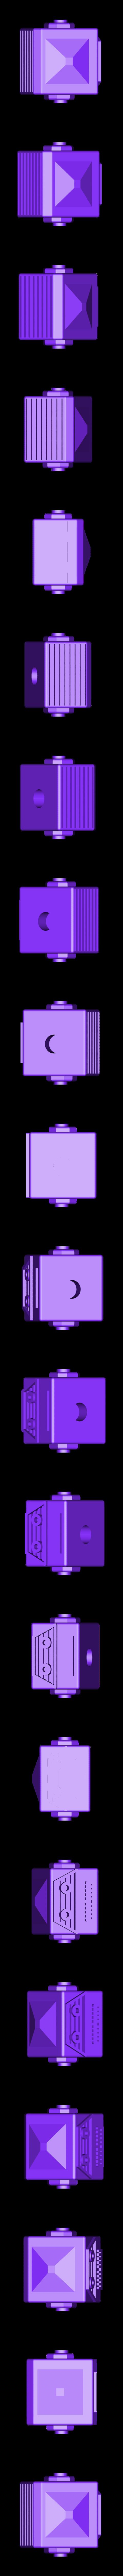 Robotto_Head.stl Download free STL file Robotto • 3D print design, Zortrax